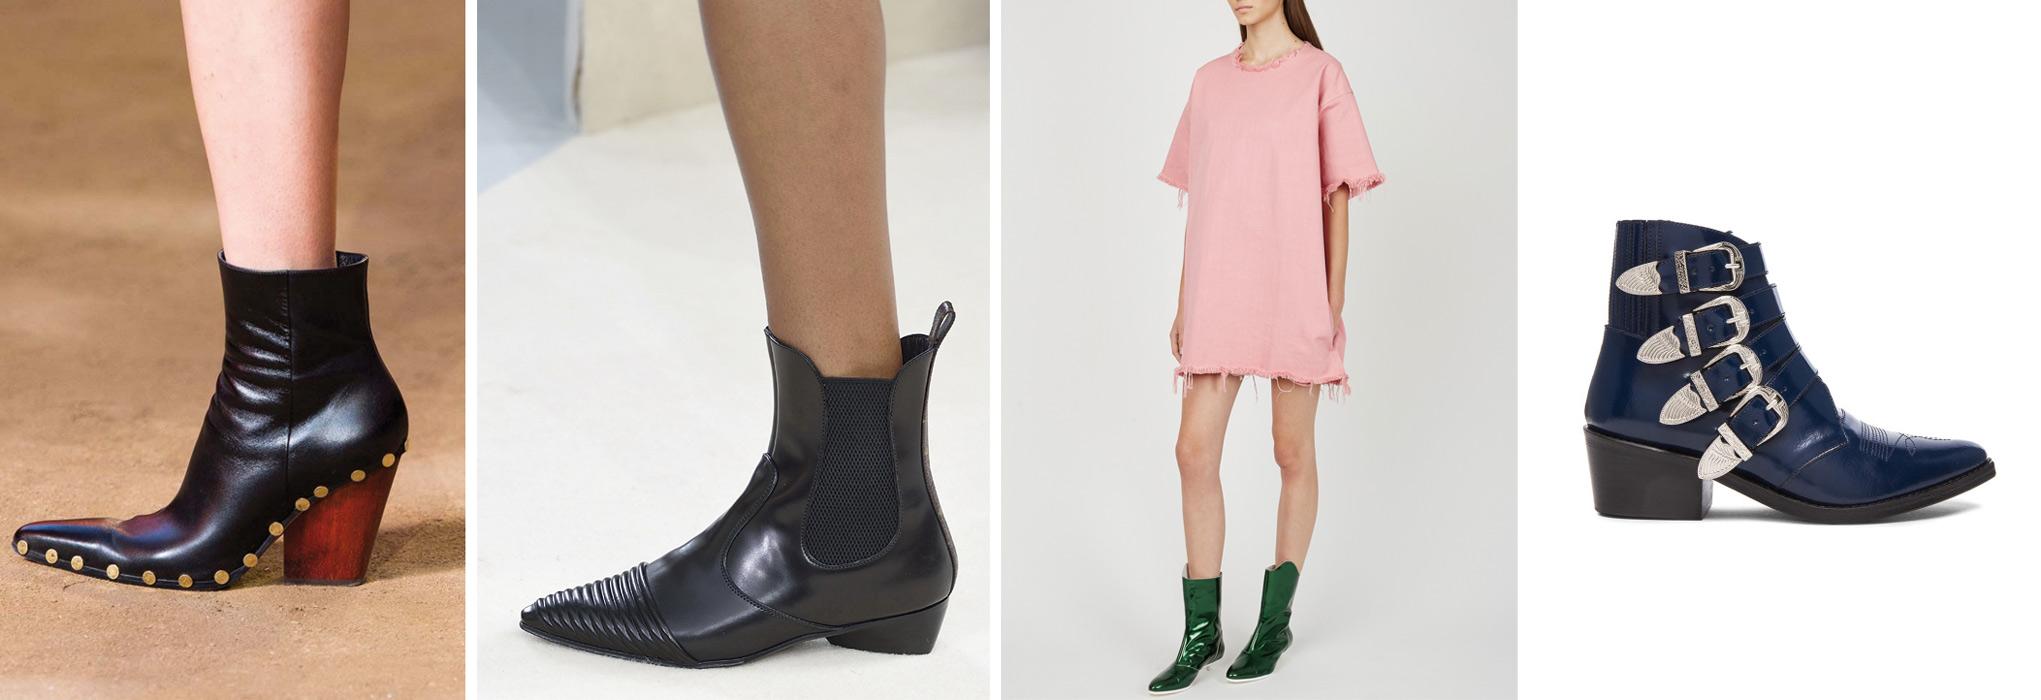 Zapatos clave de mujer para otoño,invierno 2016/2017